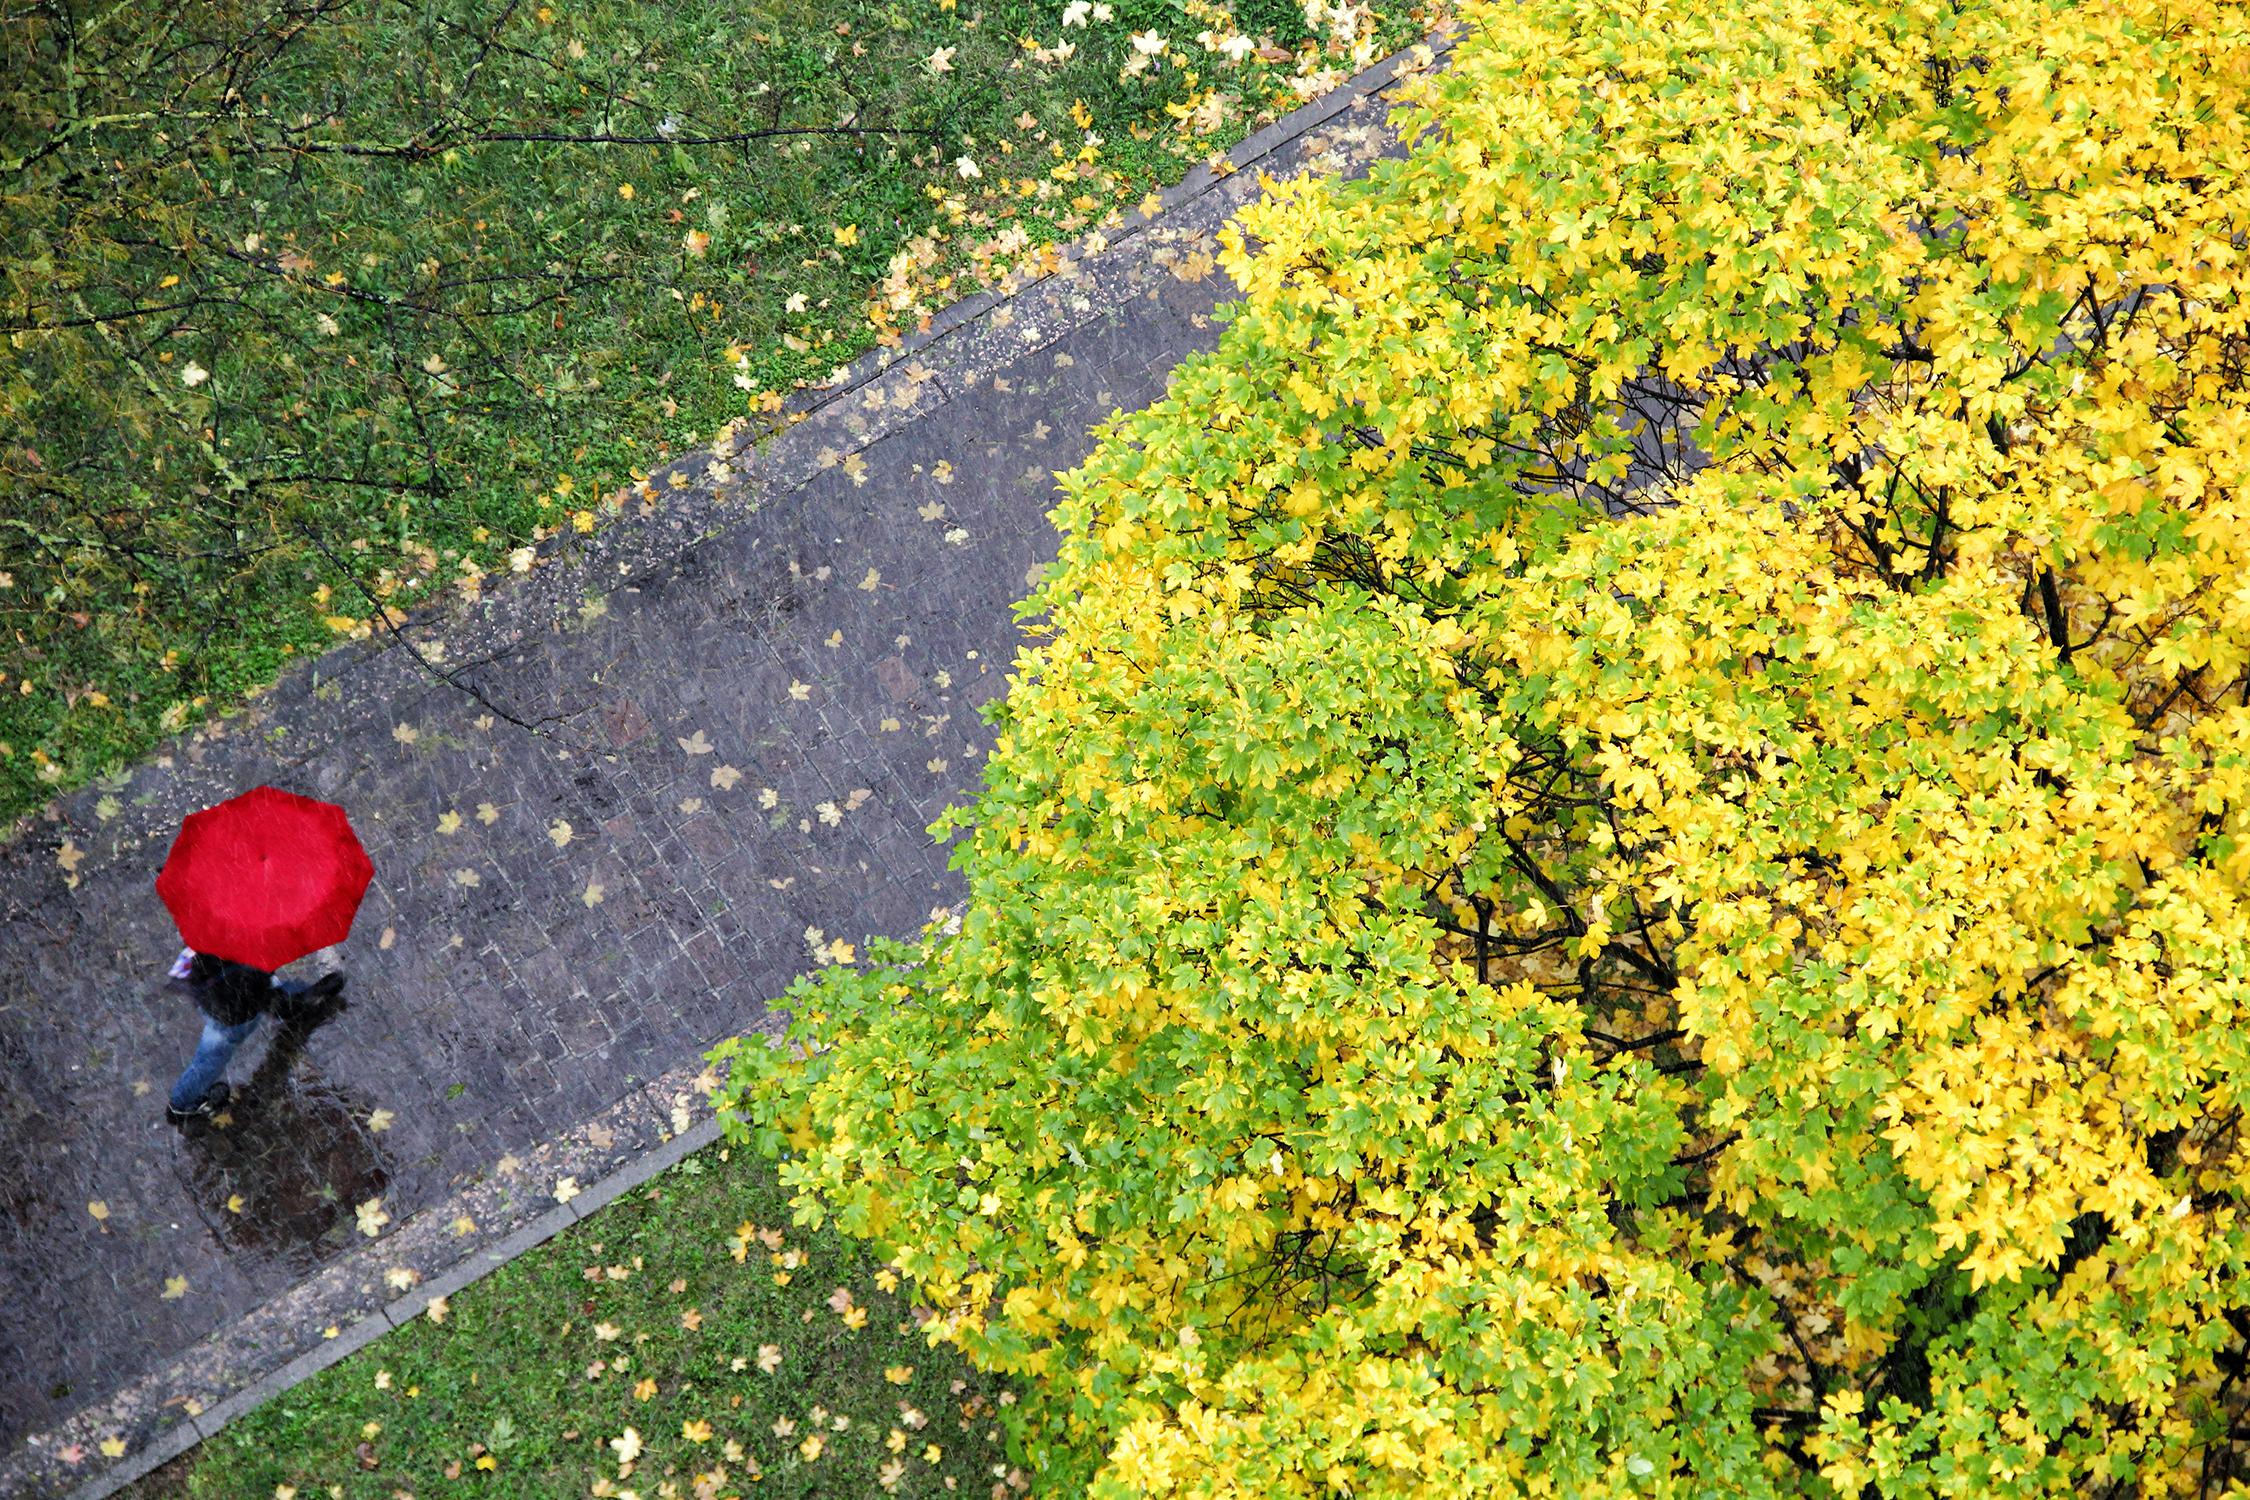 Pioggia d'autunno di Yoyo